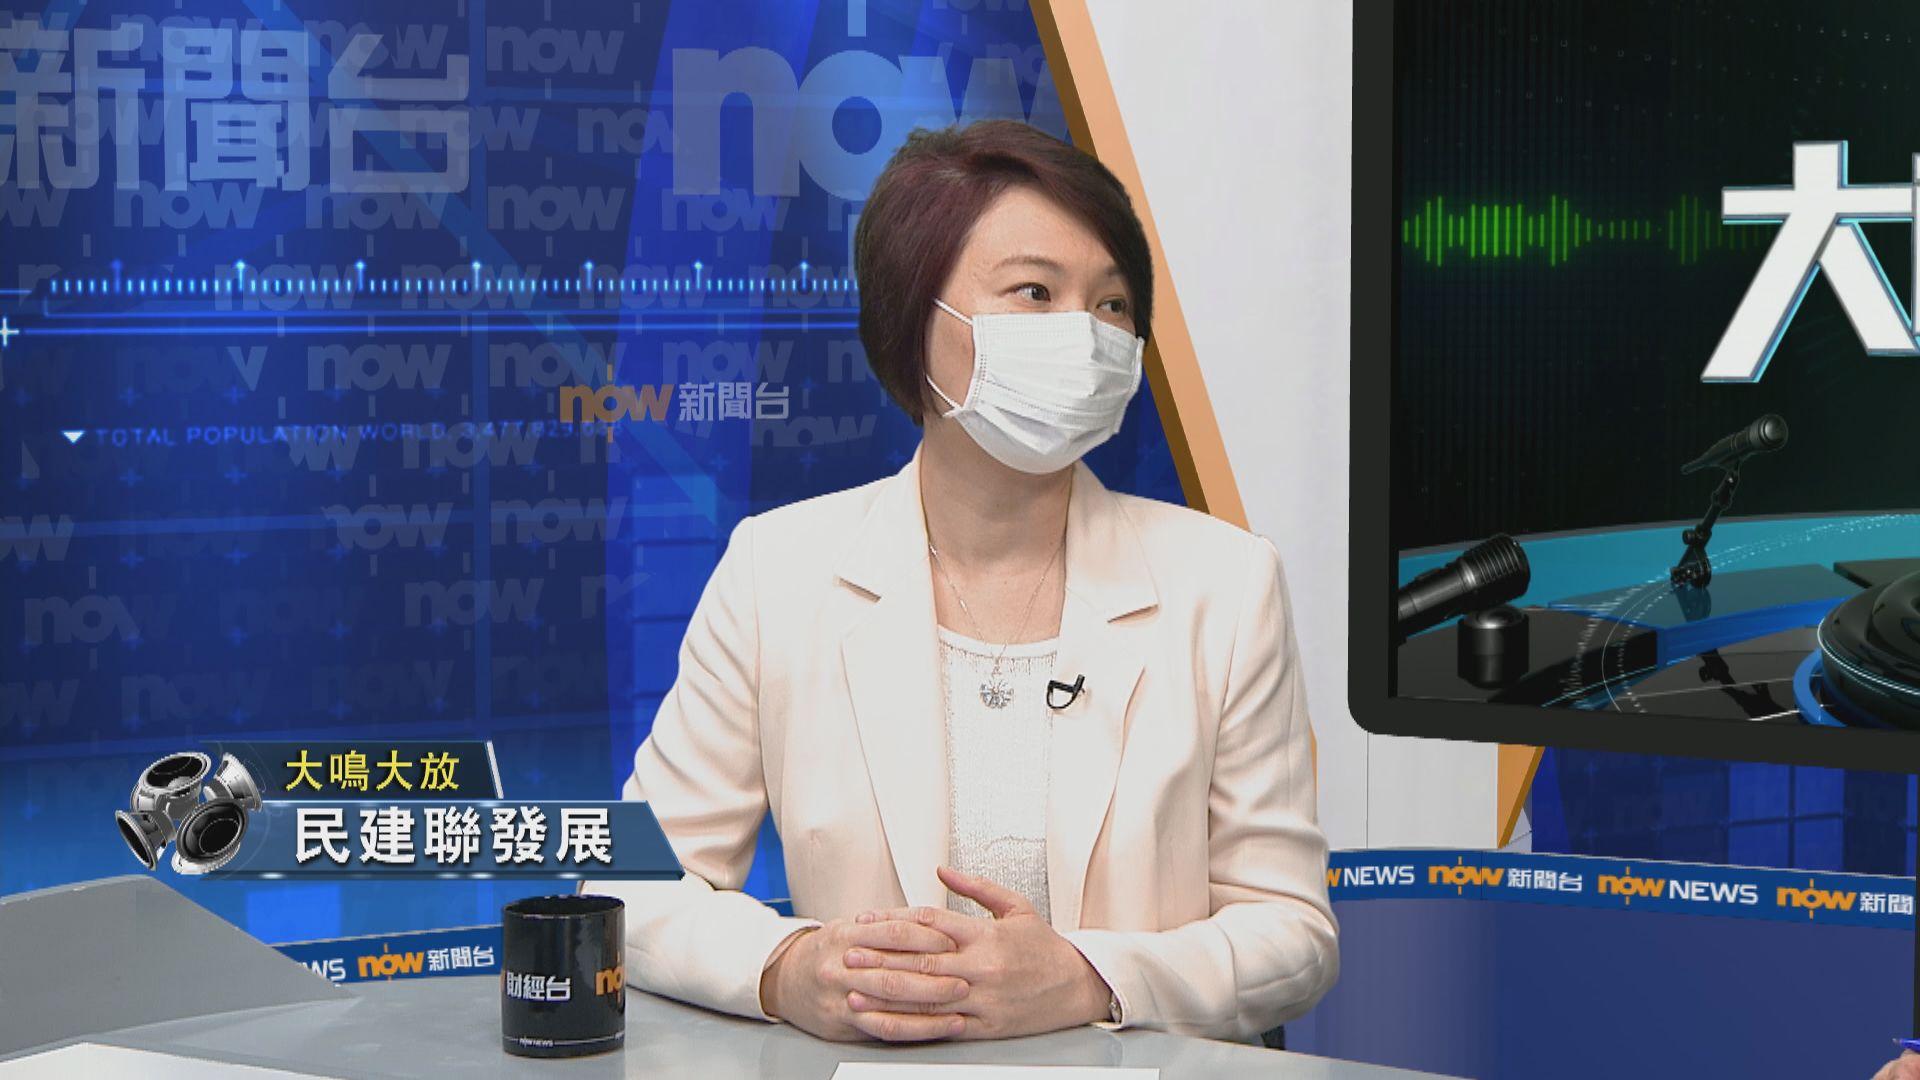 【大鳴大放】民建聯前路 新選舉制度(一)